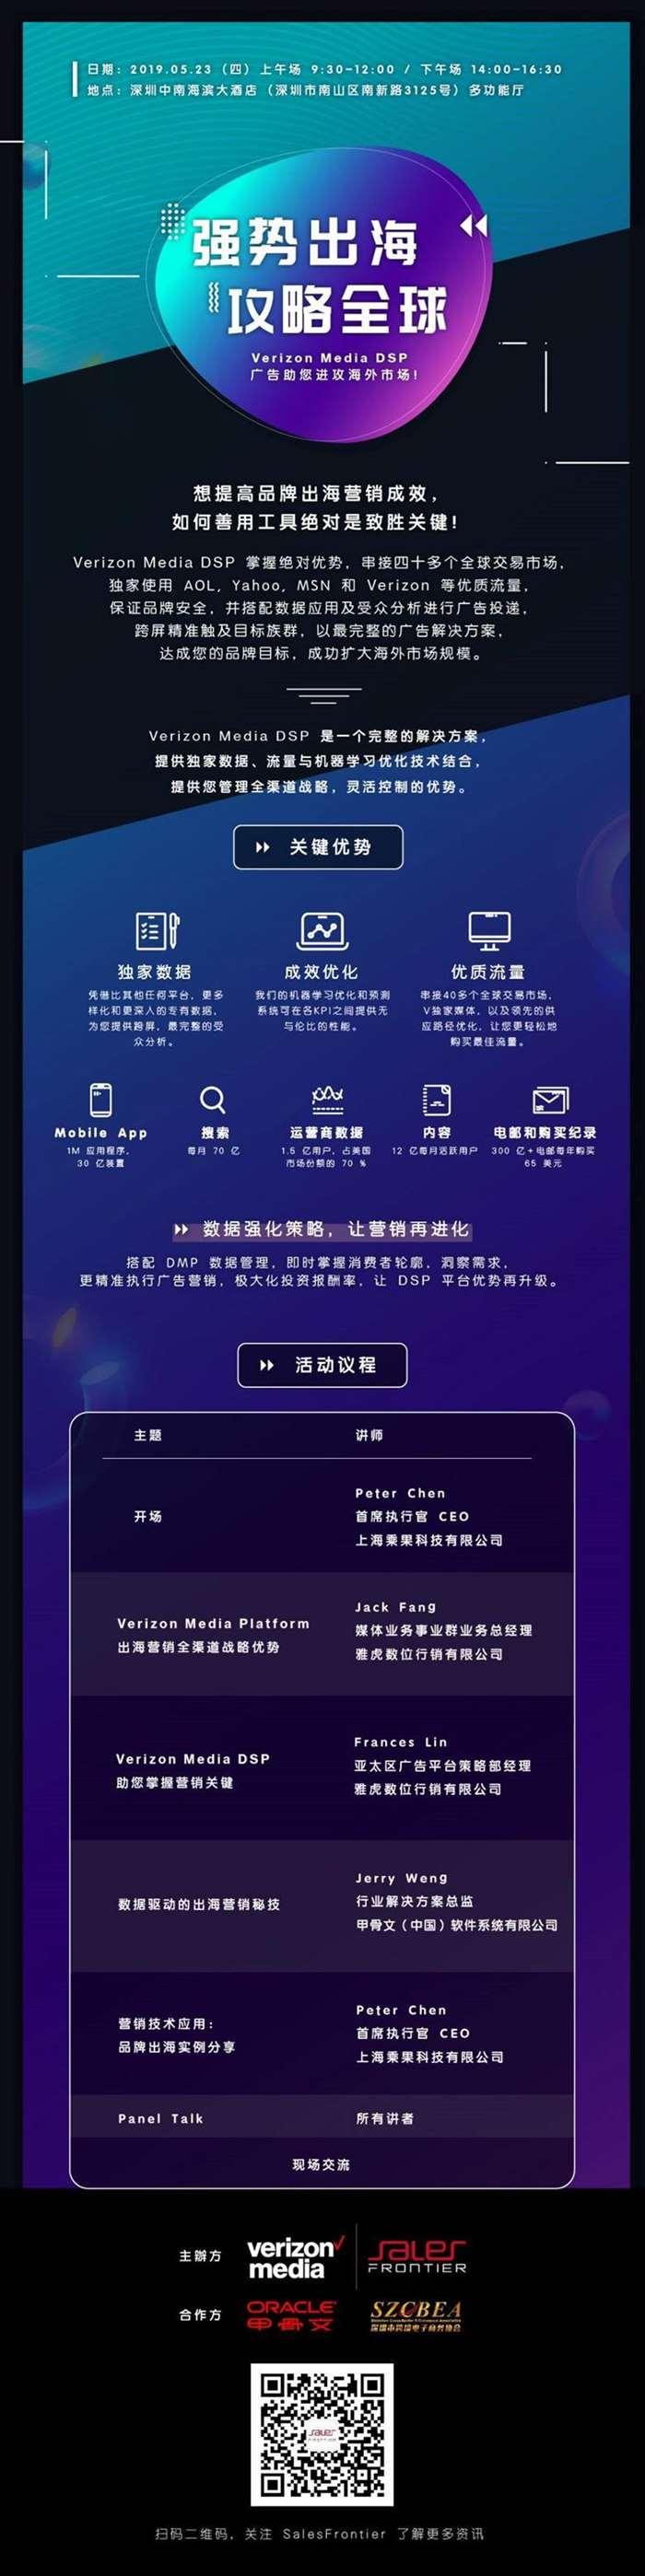 白鯨出海長圖+深圳協會logo.jpg